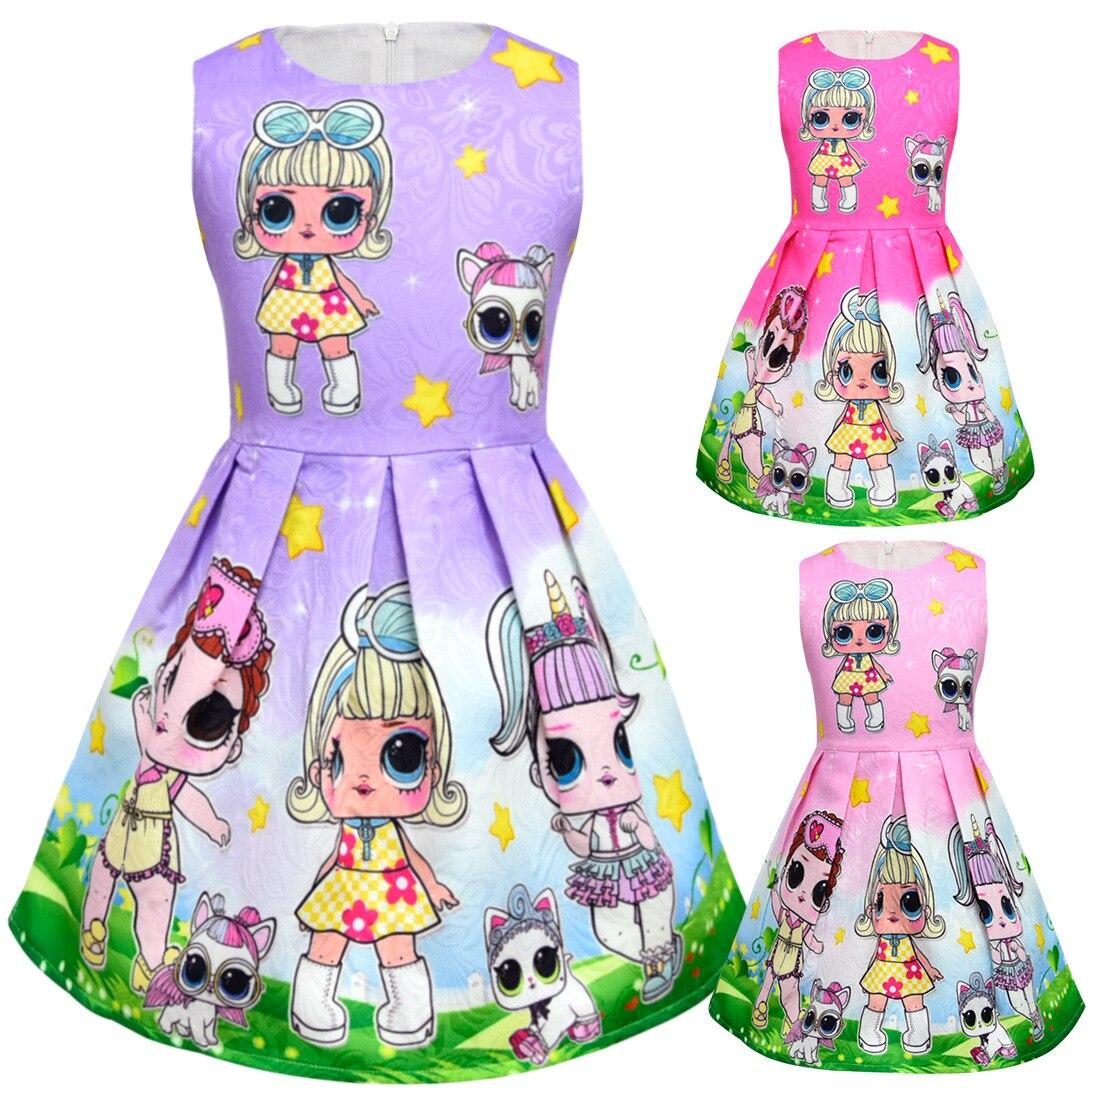 Lol muñecas Bebé Vestidos 2018 verano elegante vestido lindo niños fiesta de Navidad trajes niños ropa princesa Lol niñas vestido